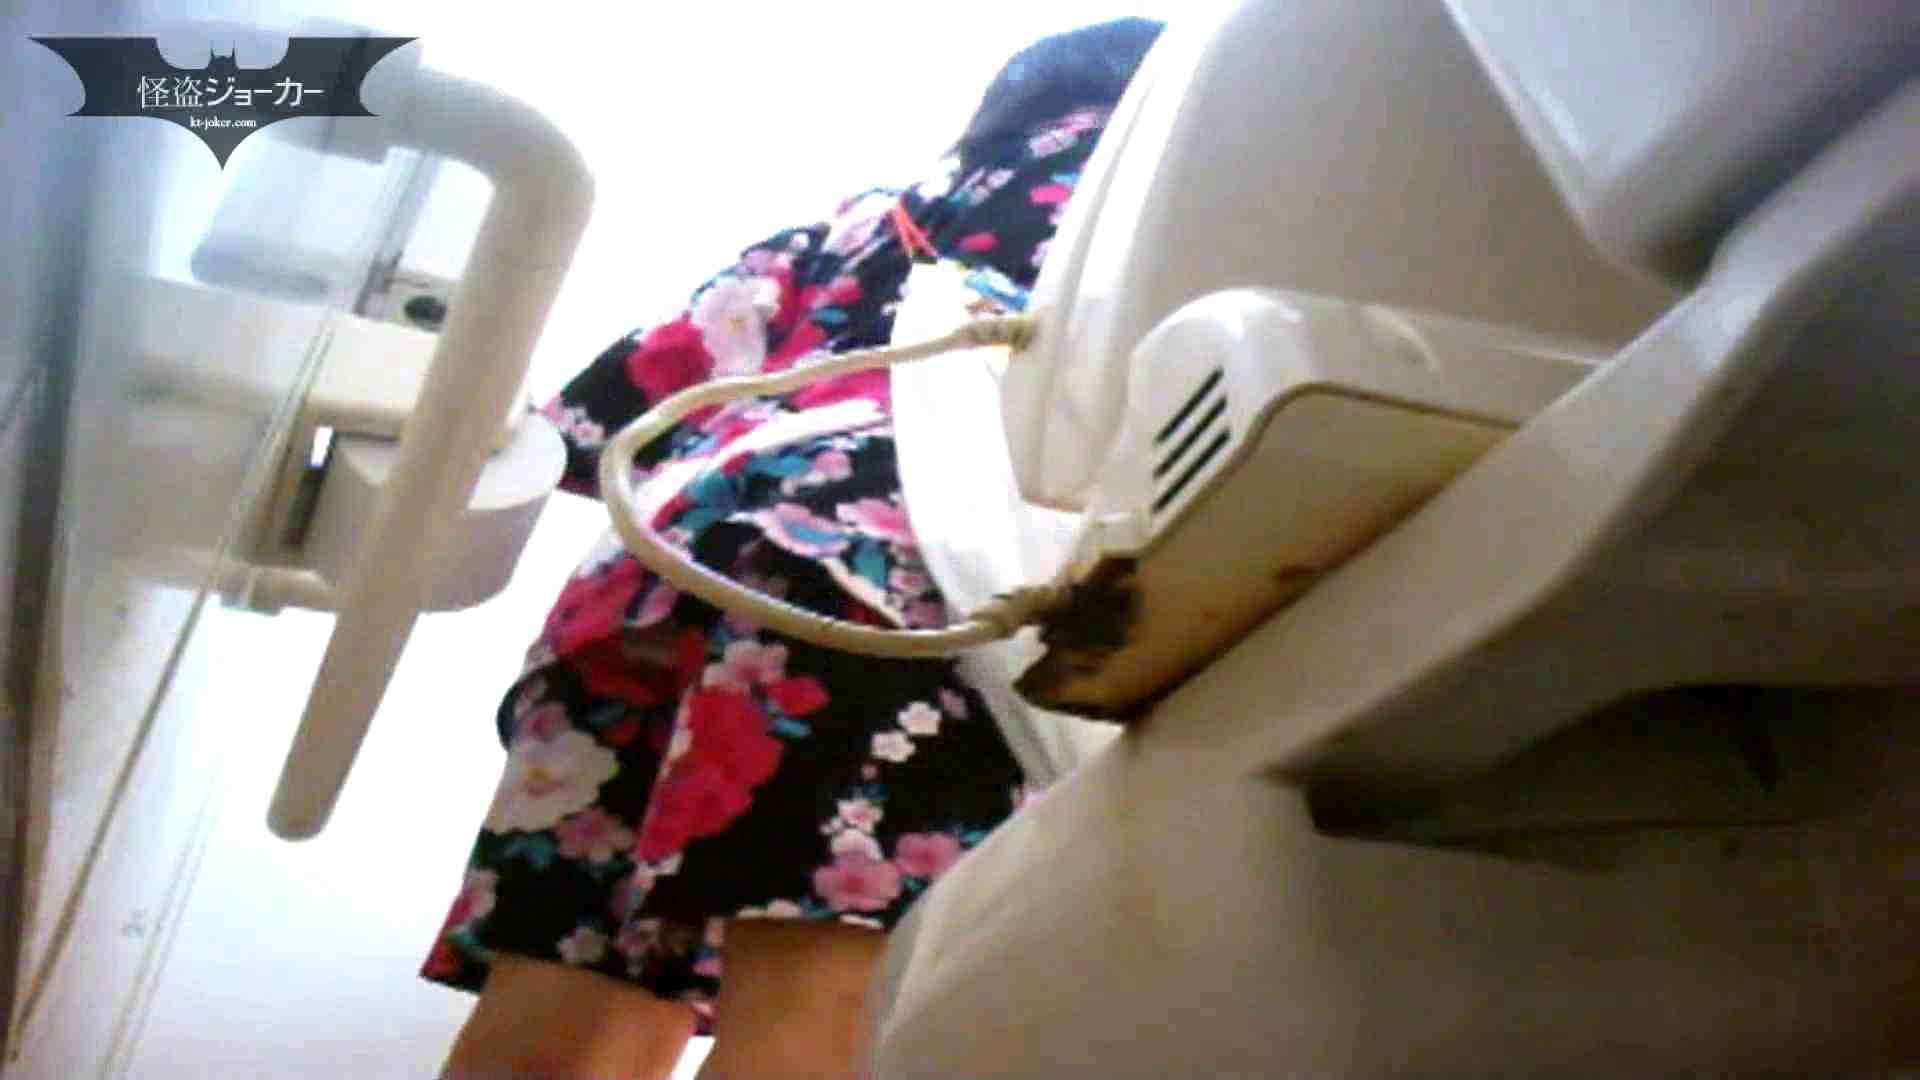 店長代理の盗撮録 Vol.05 細身女性 | 盗撮で悶絶  55画像 49